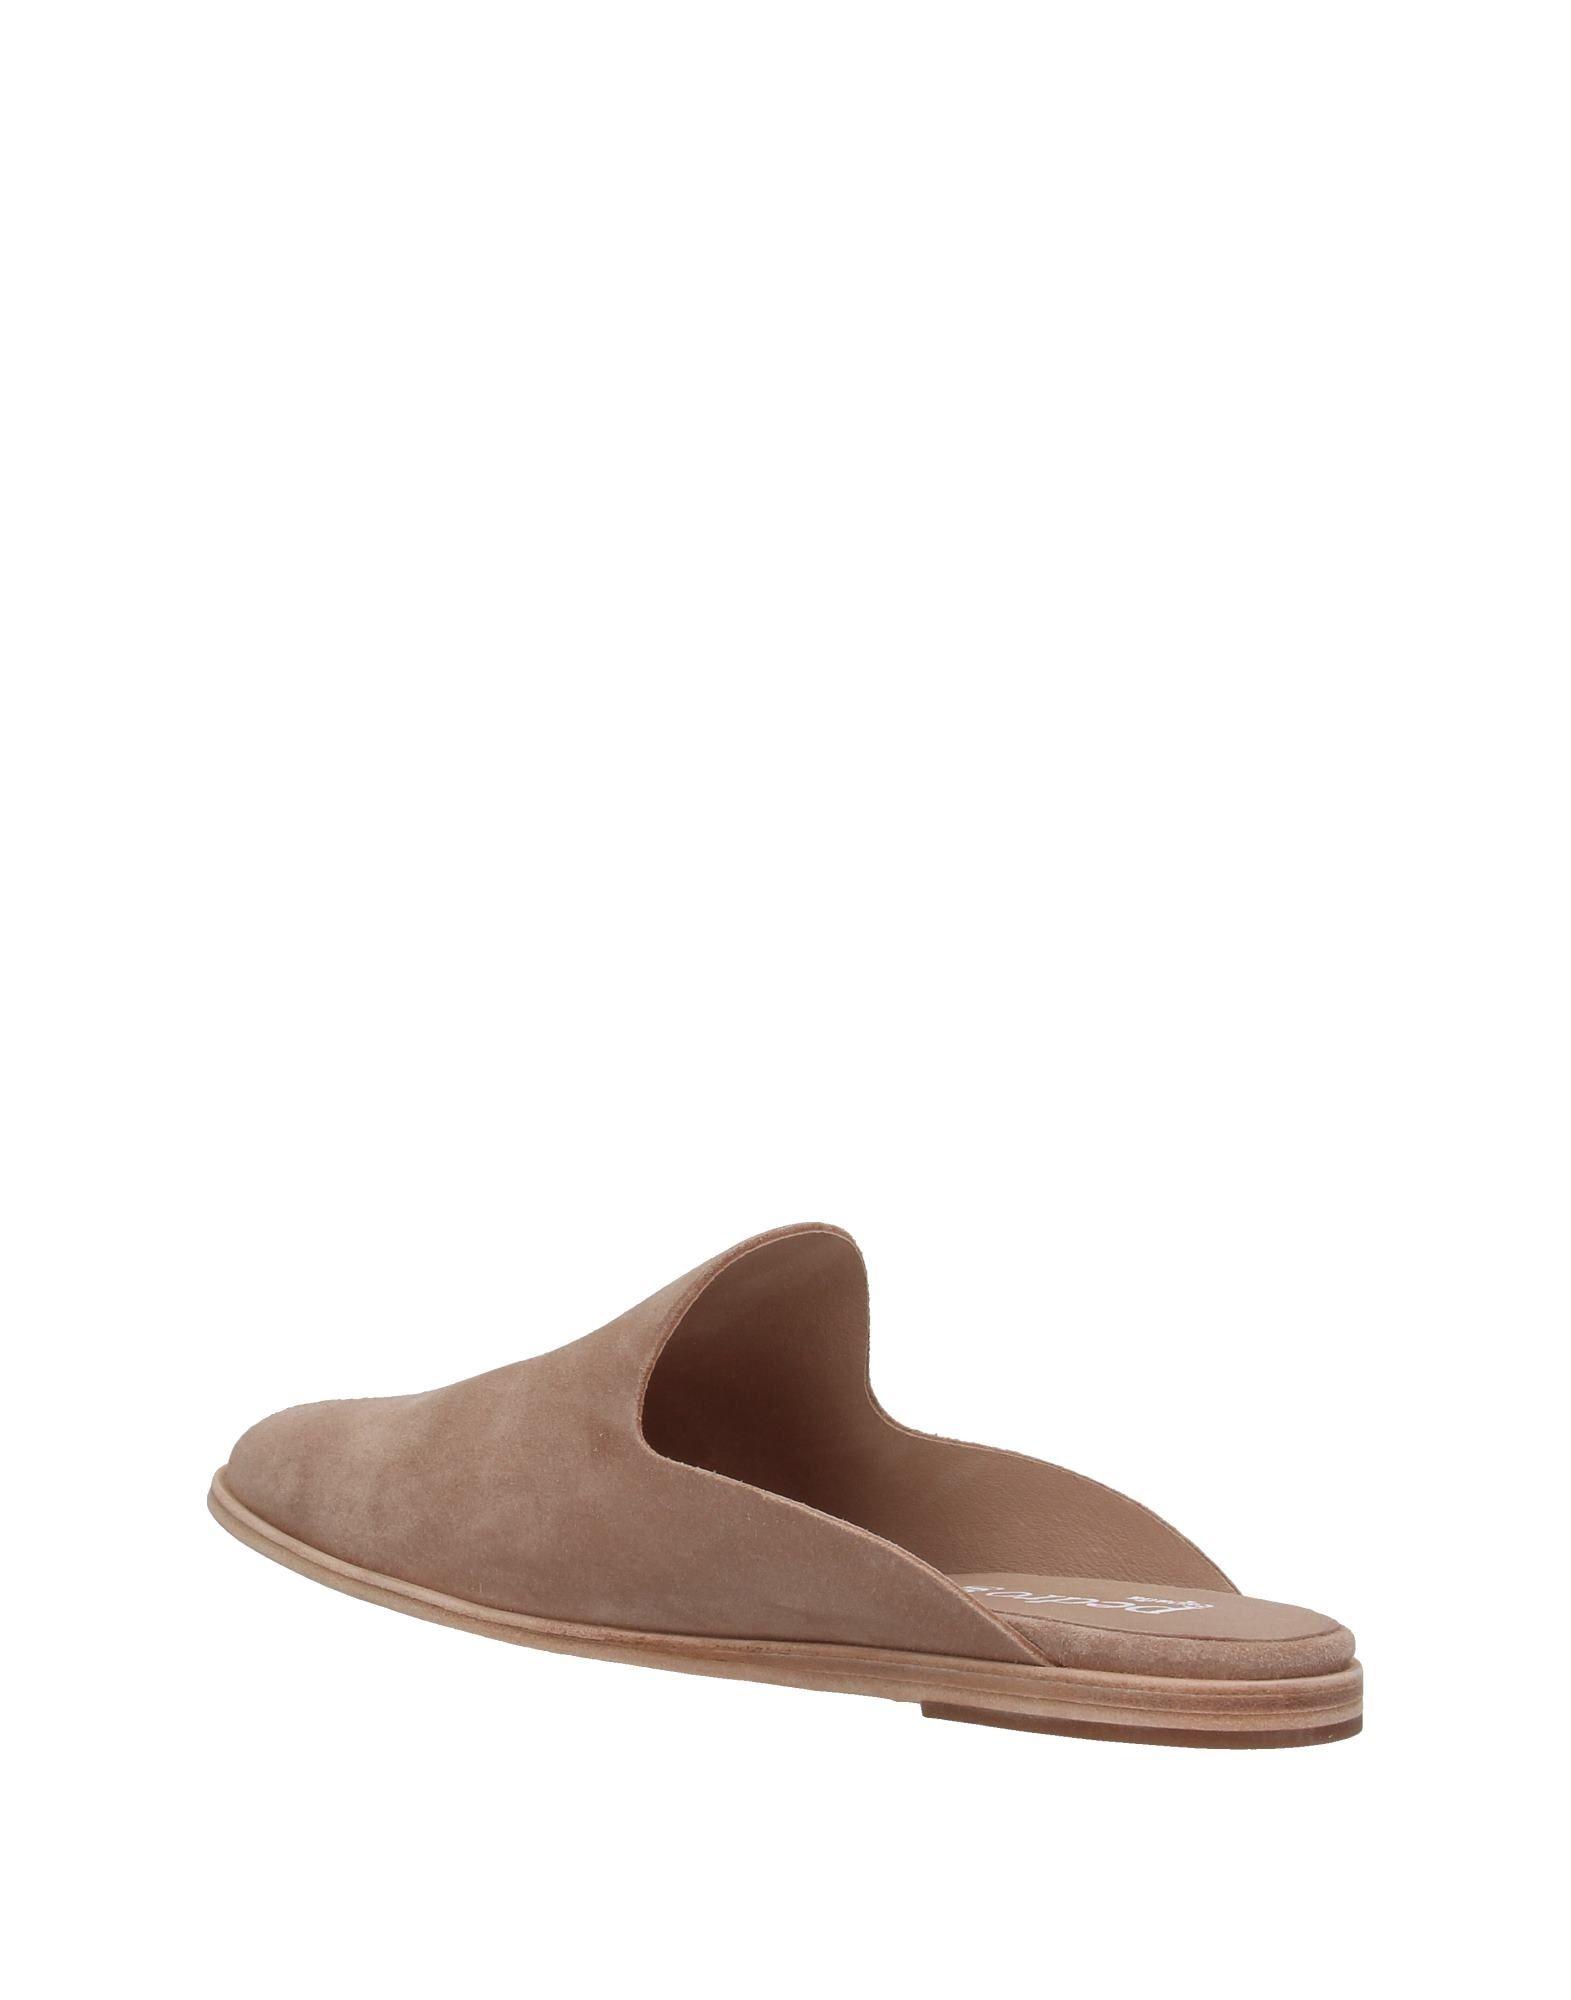 Pedro 11406504VUGut García Pantoletten Damen  11406504VUGut Pedro aussehende strapazierfähige Schuhe cf6091